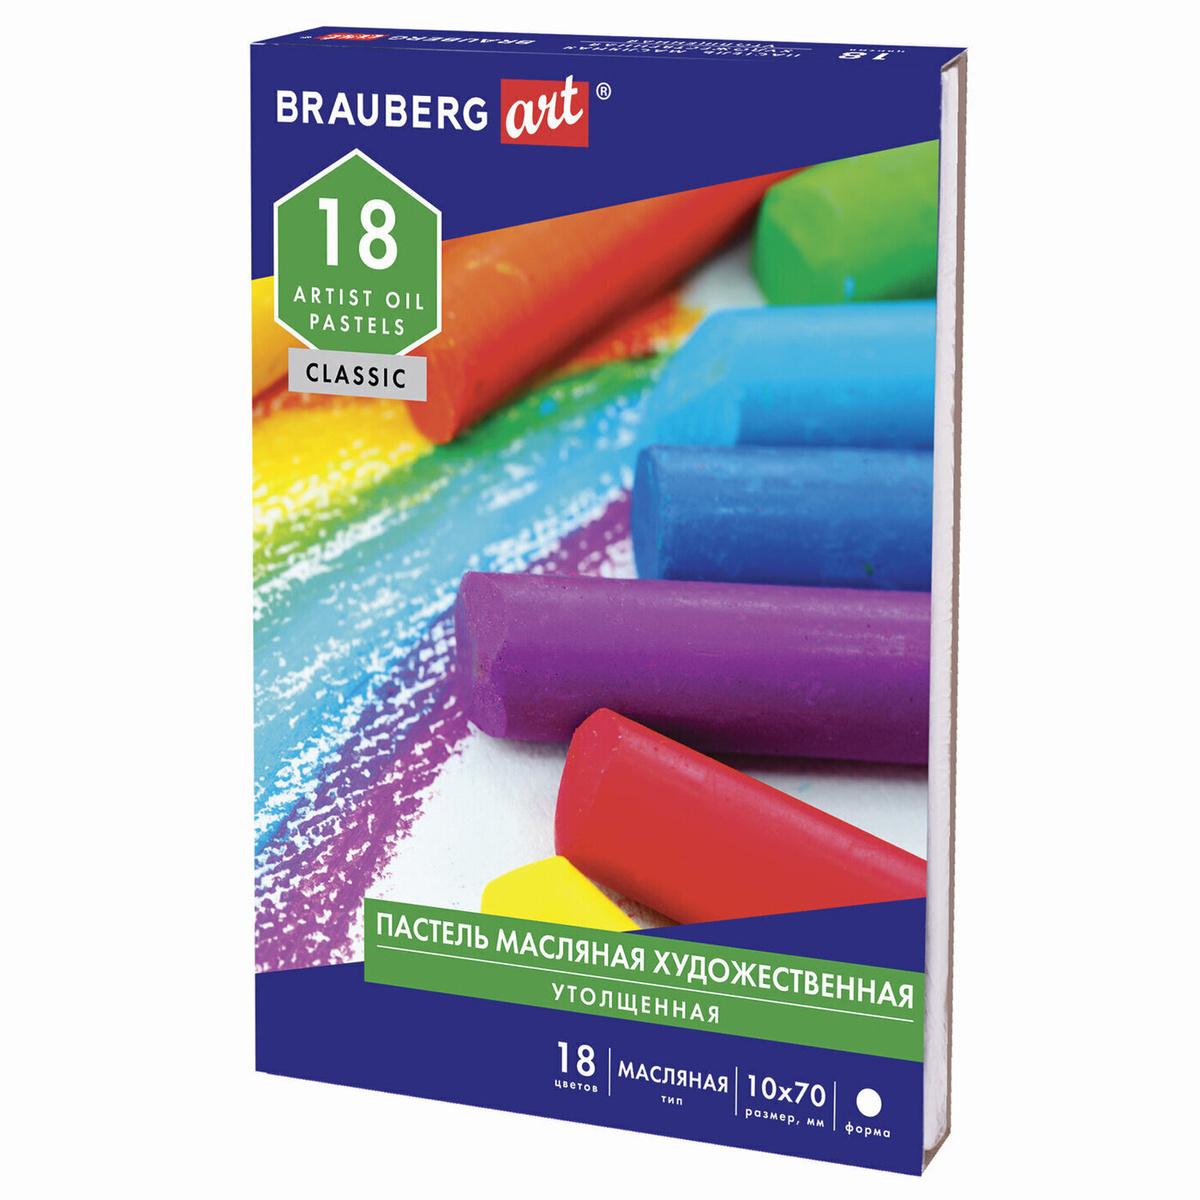 """Пастель масляная художественная для рисования Brauberg Art """"Classic"""", набор 18 цветов, утолщенная, круглое #1"""